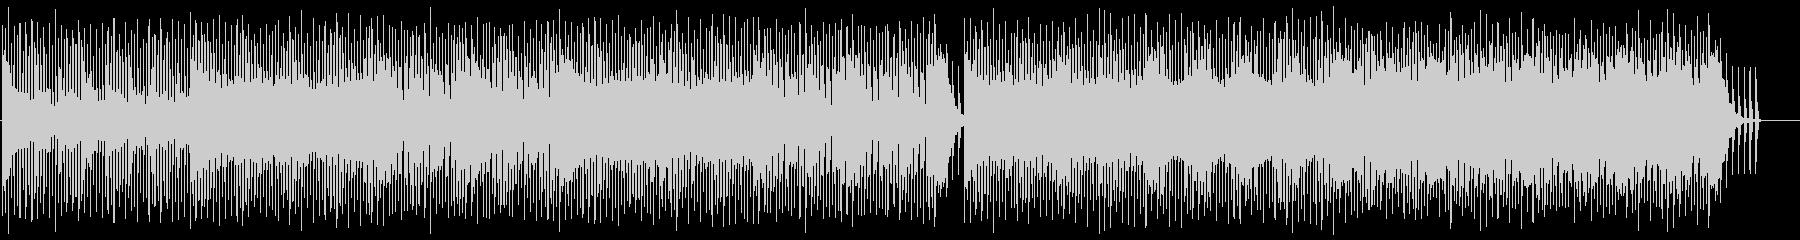 重厚でロックなテクノBGMの未再生の波形